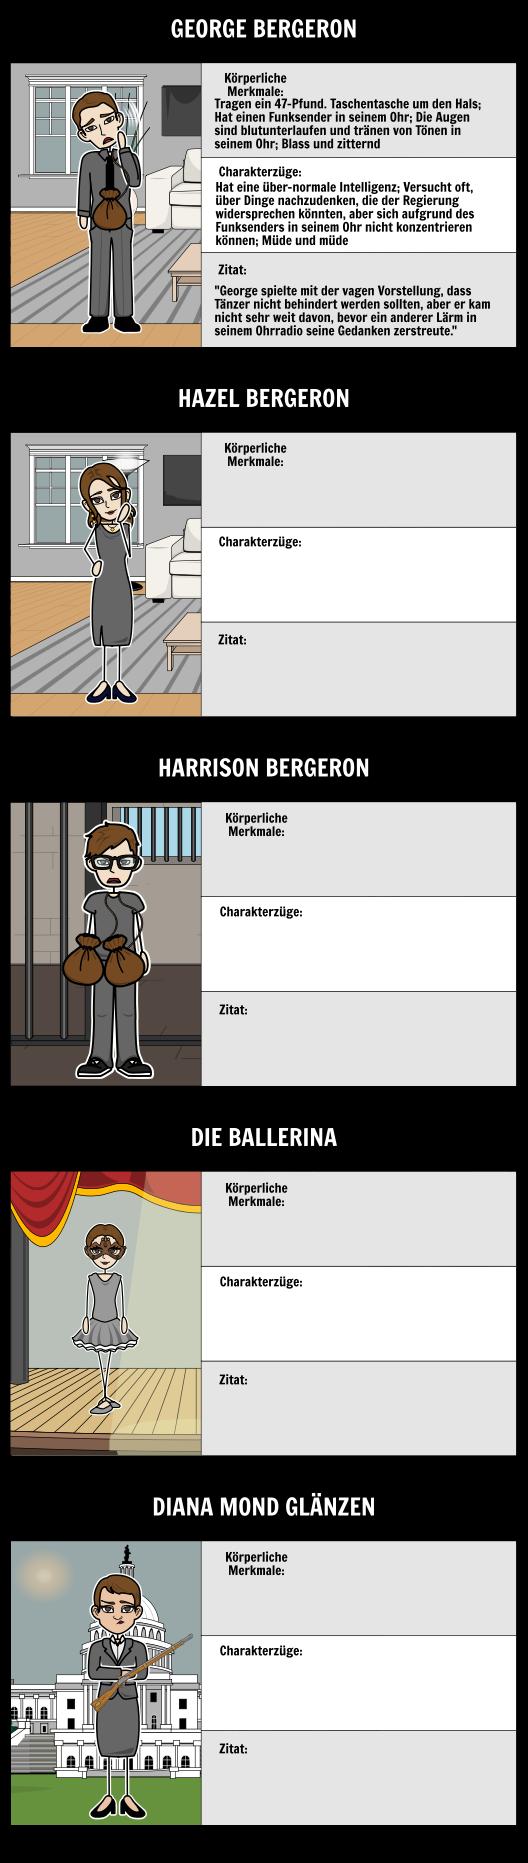 Harrison Bergeron von Kurt Vonnegut | Harrison Bergeron Zusammenfassung